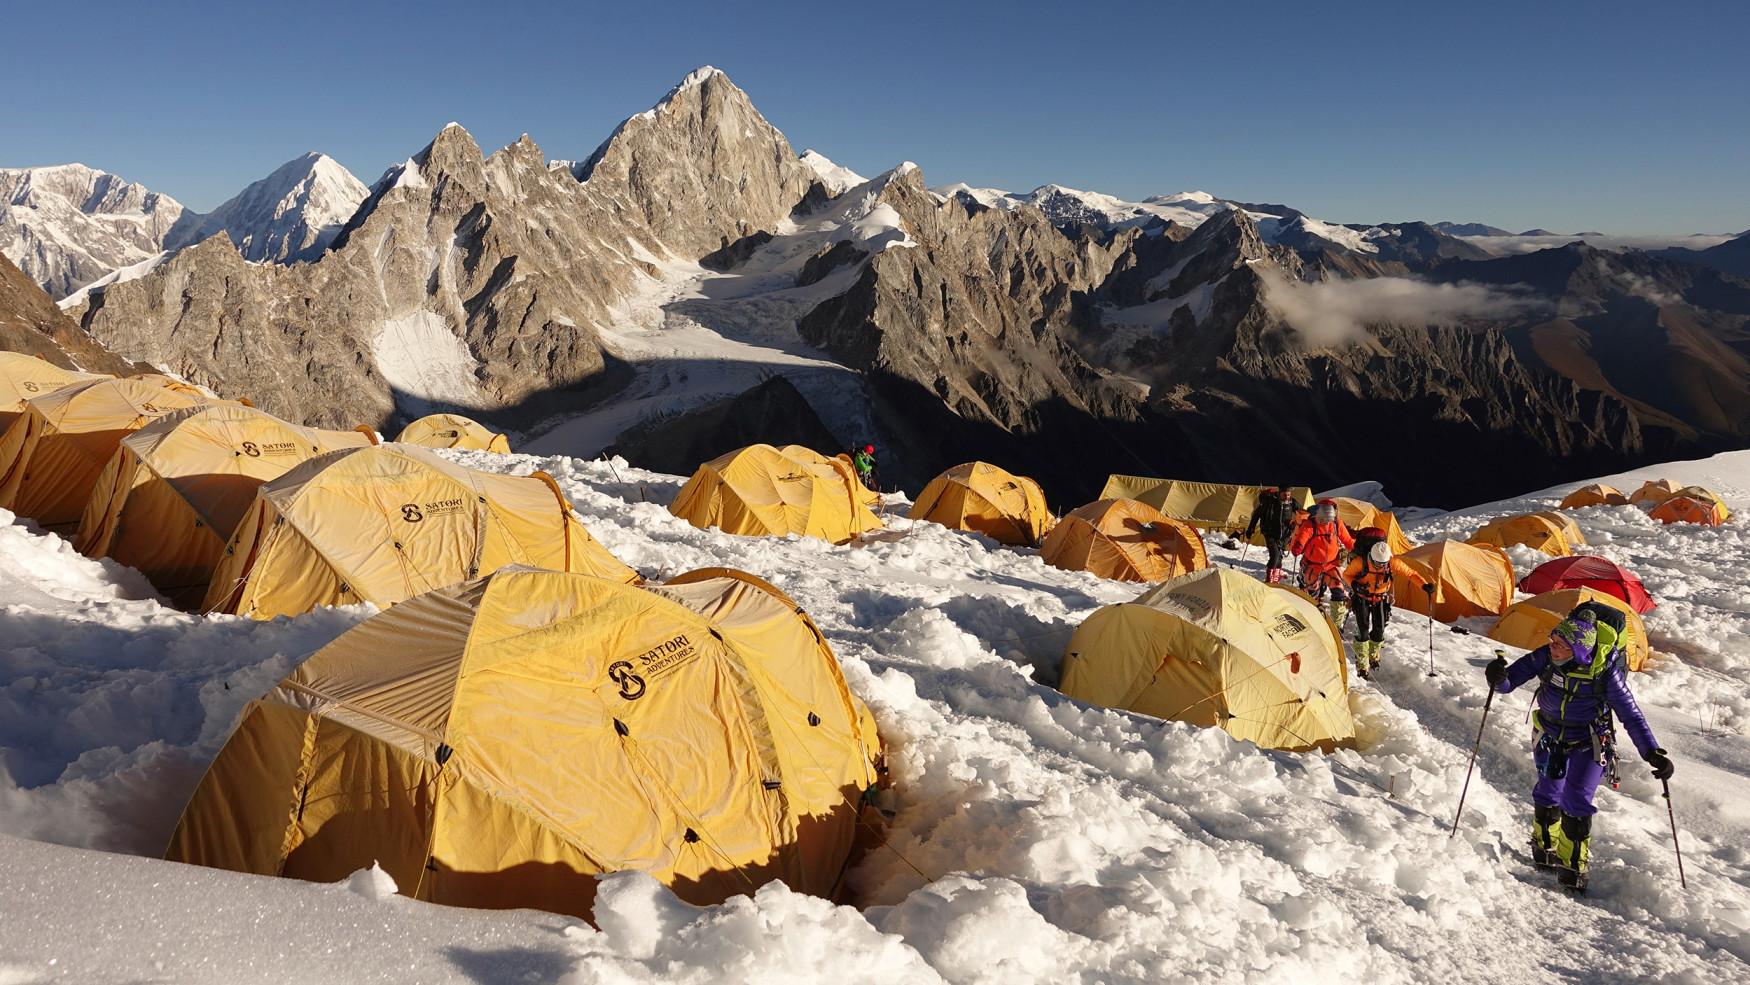 Sich selbst im Himalaya zuhause fühlen - mit dem Expeditionsbergstiefel, den LOWA in Kooperation mit Extrembergsteiger Ralf Dujmovits entwickelt hat. Er weiß, worauf es bei arktischen Temperaturen und hochalpinen Herausforderungen bis über 8.000 Höhenmeter ankommt: Als erster Deutscher hat er die Gipfel aller 14 Achttausender erklommen. Entstanden ist ein Stiefel für äußerst anspruchsvolle Expeditionen. Der herausnehmbare Innenschuh mit 400 Gramm Primaloft® isoliert komfortabel.